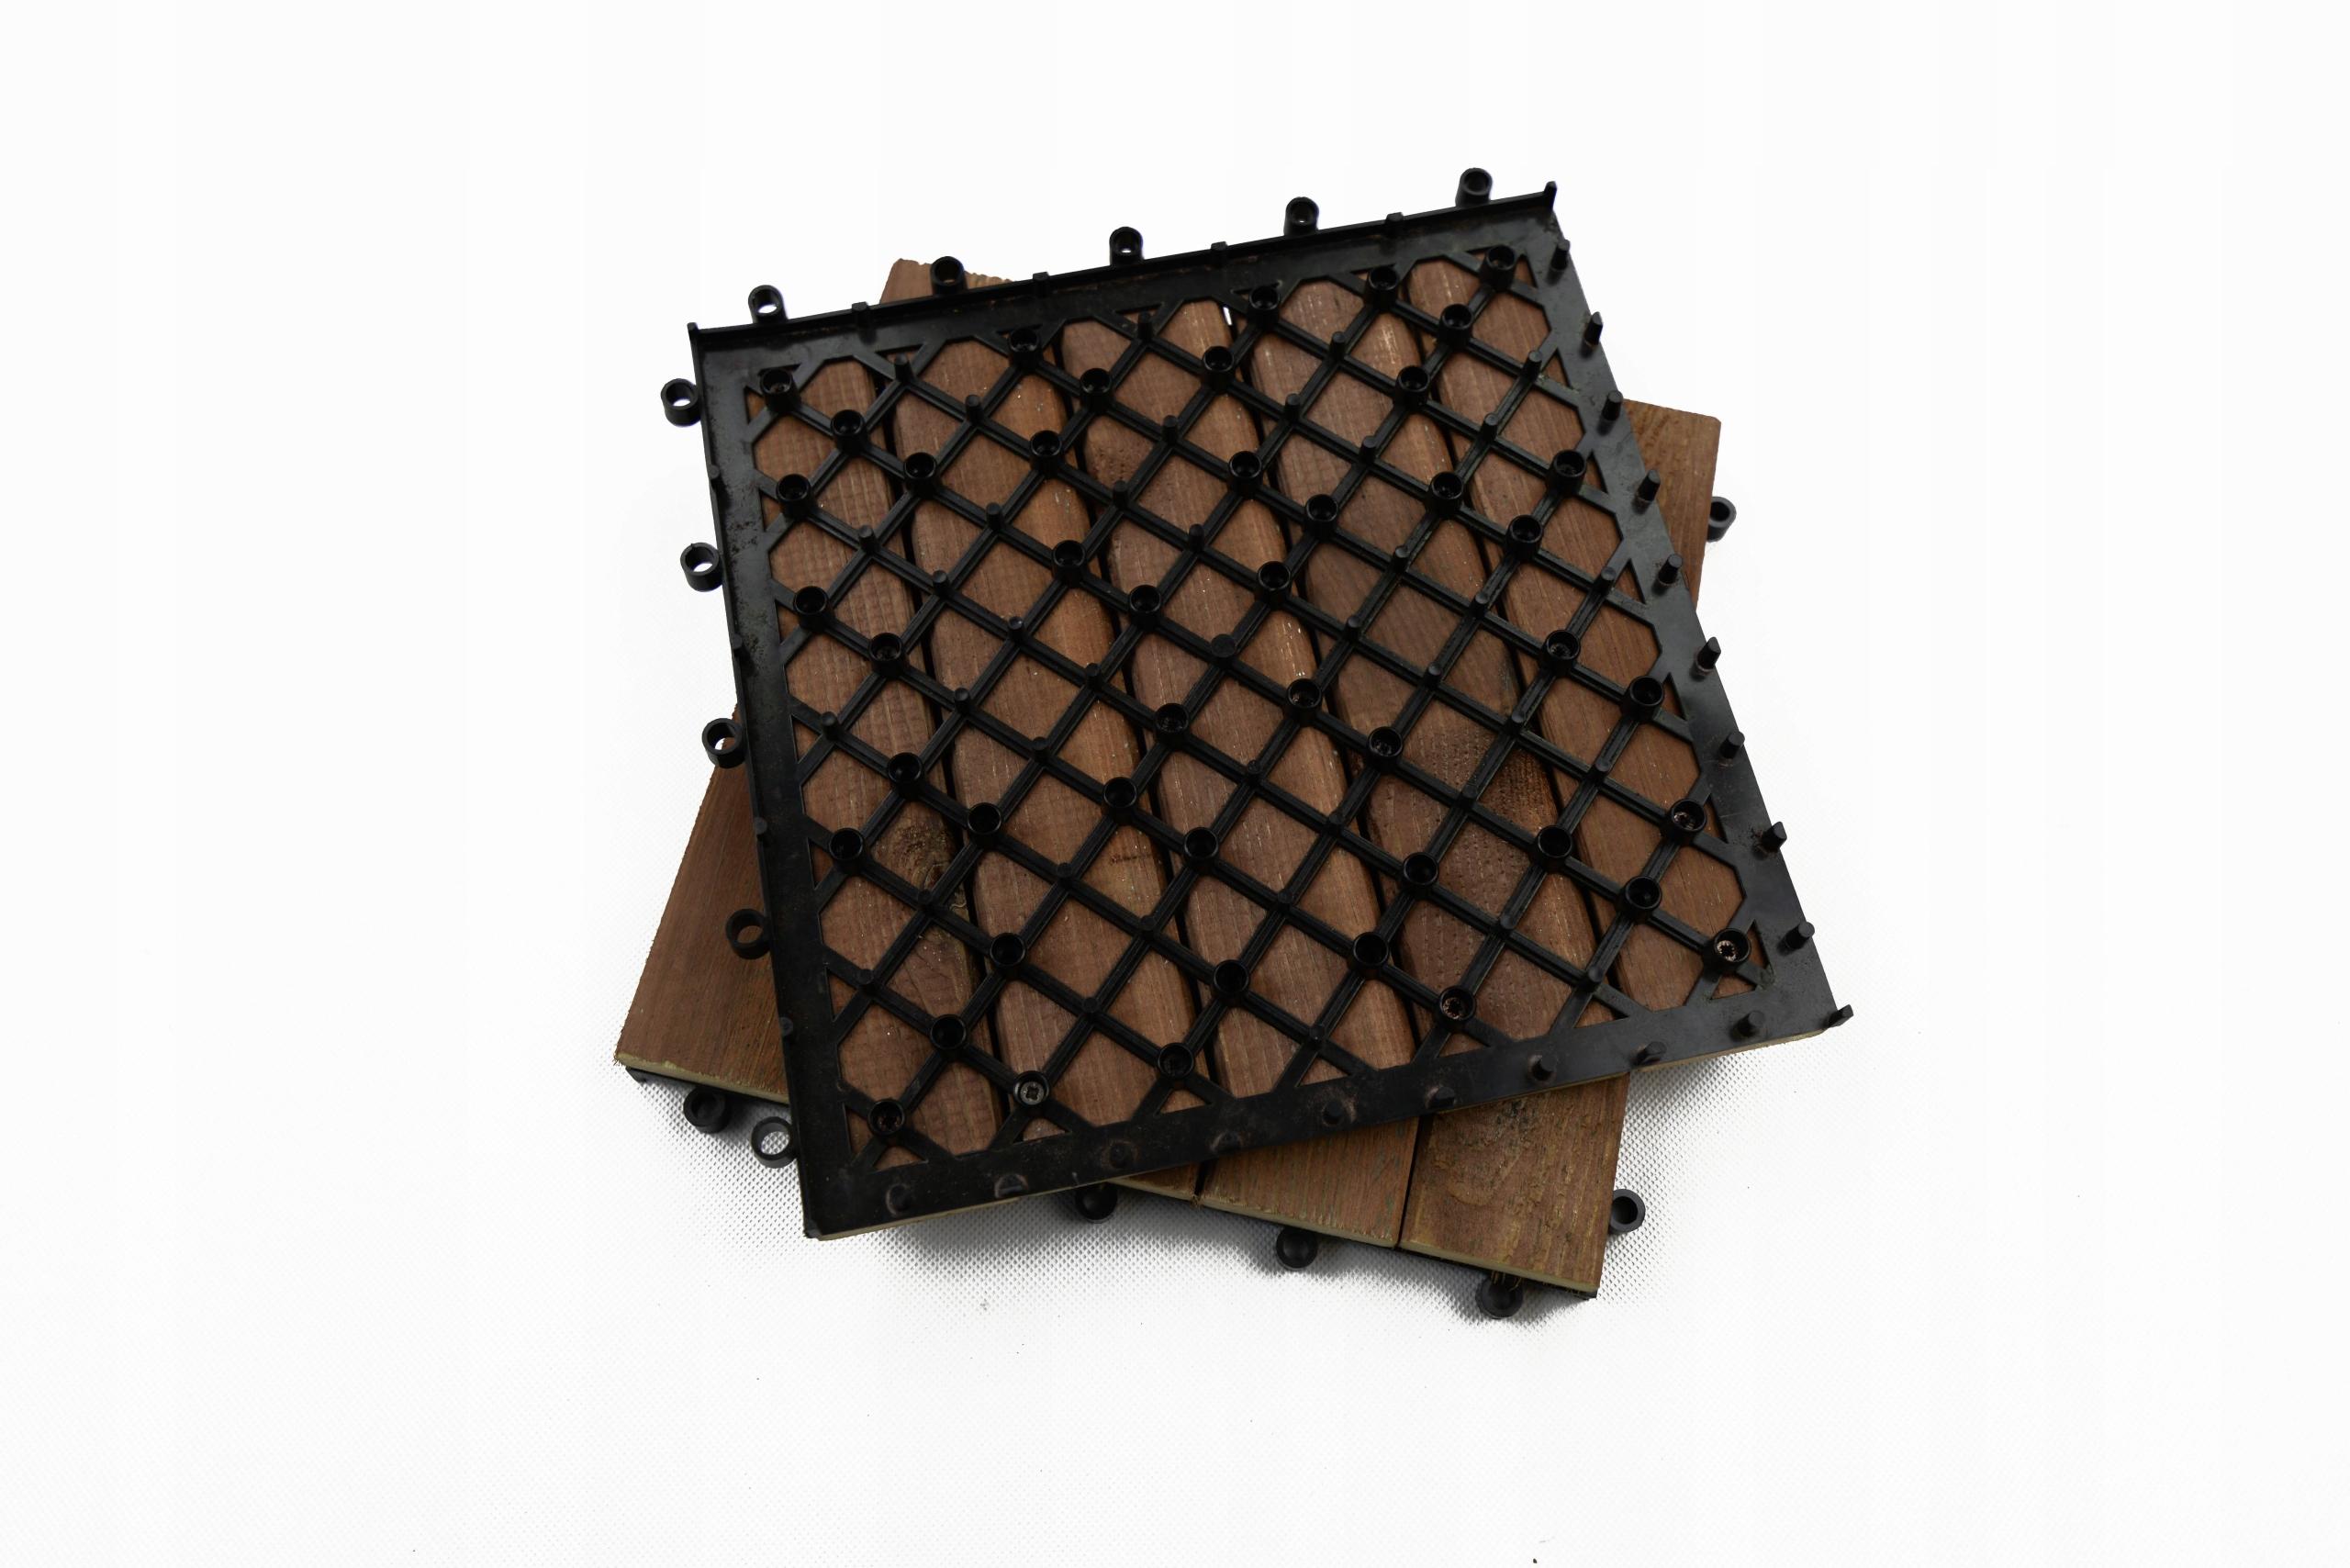 Podest Tarasowy Na Plastiku 30x30 Cm Szybki Montaż